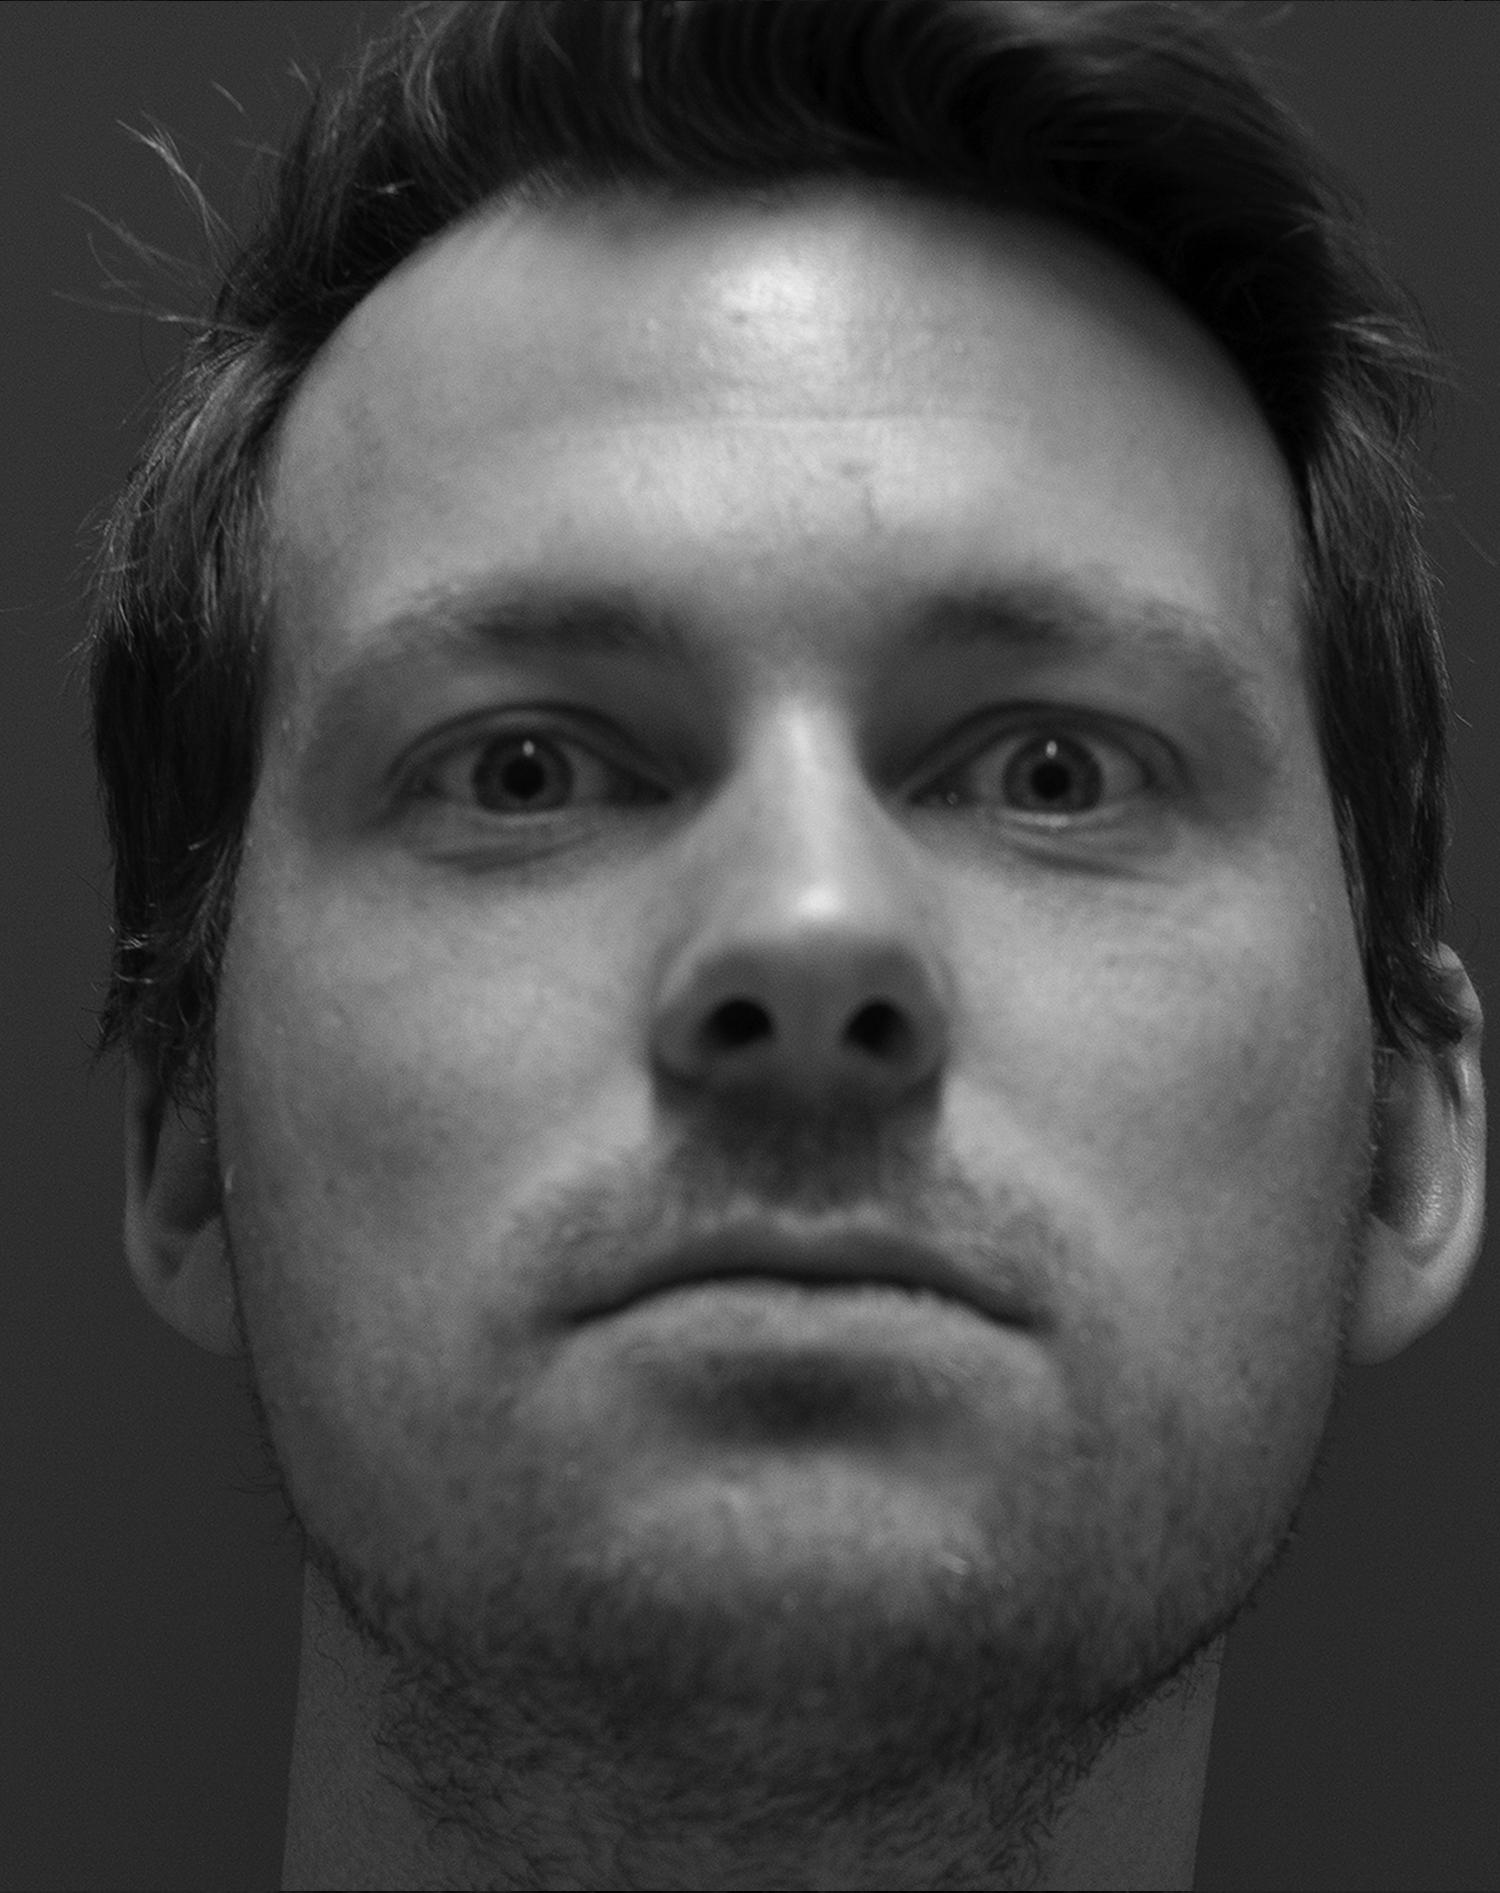 Knut - Drums, Blast Beats, Sound Engineer & Studio Tech